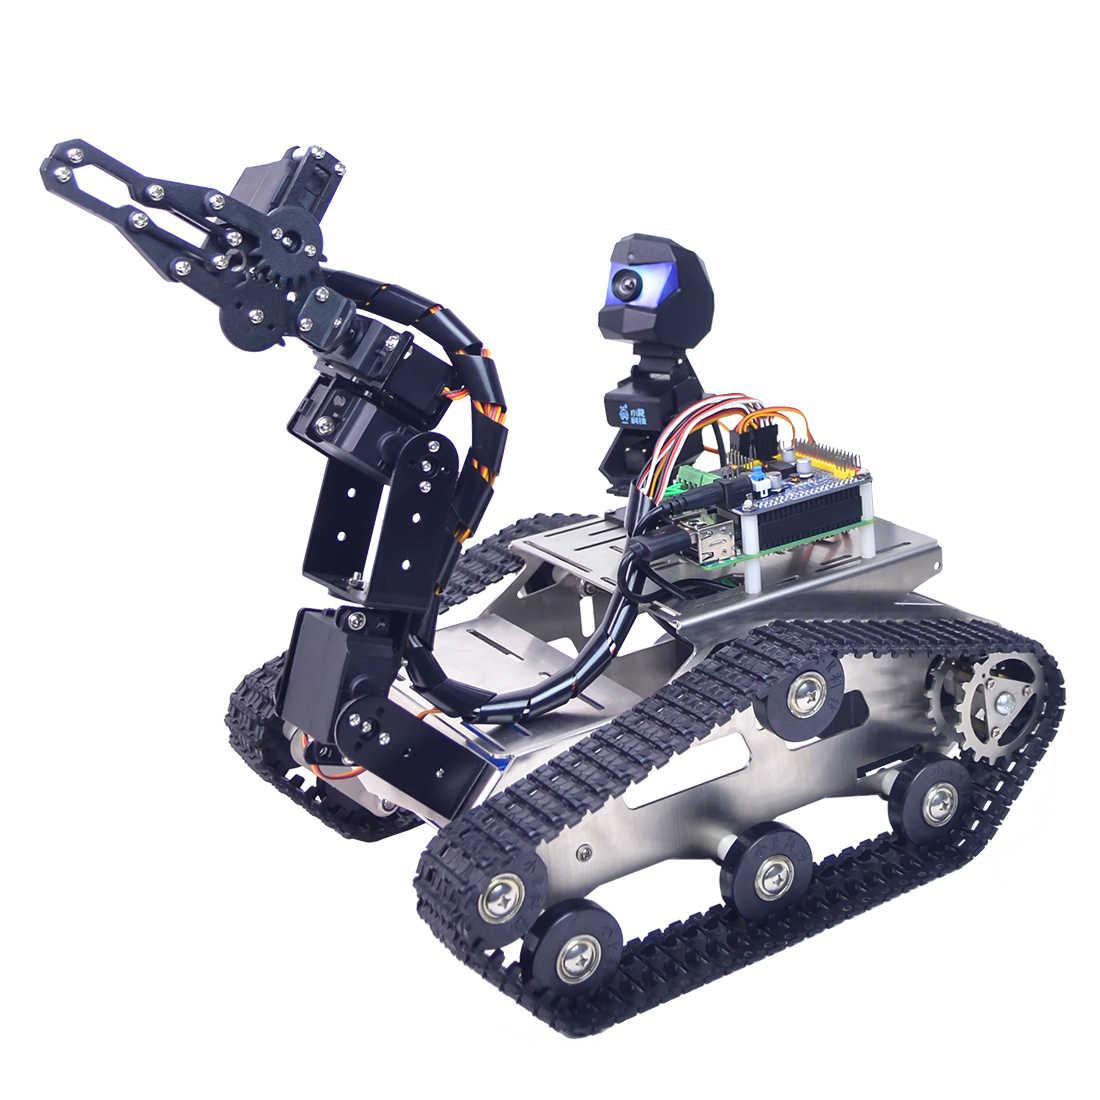 โปรแกรม TH WiFi FPV ถังหุ่นยนต์รถชุดสำหรับ ARDUINO MEGA สำหรับของเล่นเด็ก-รุ่นมาตรฐานขนาดเล็ก claw/ขนาดใหญ่